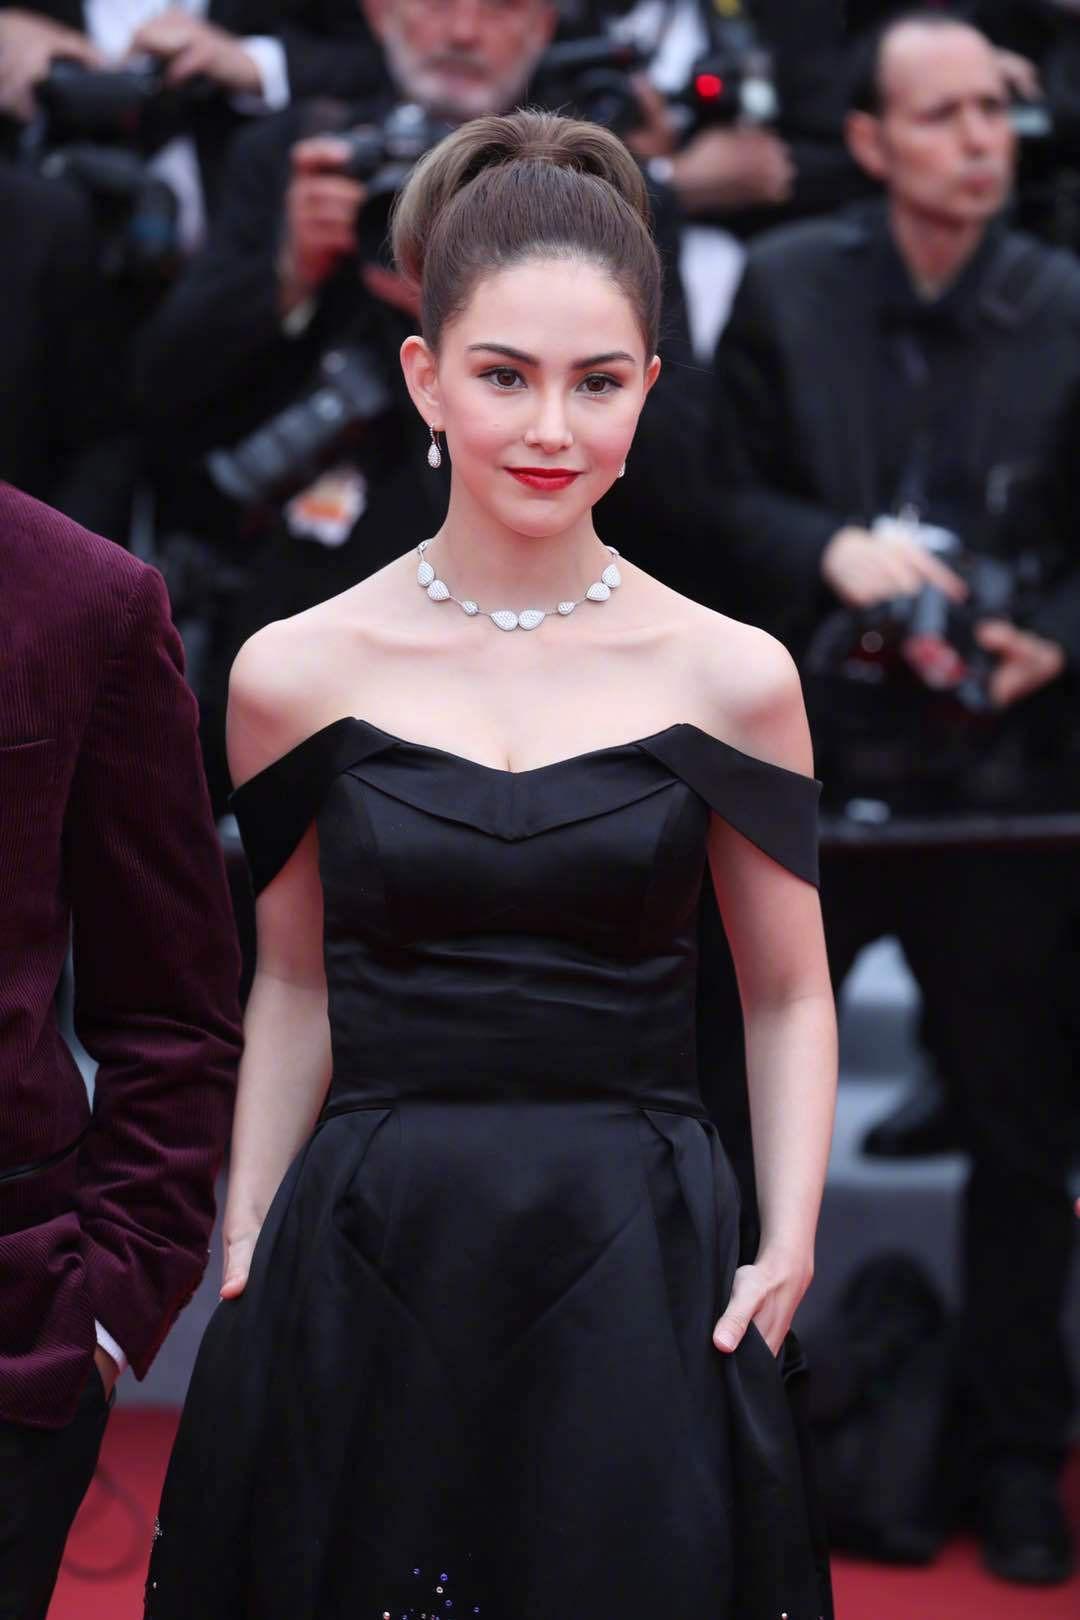 Cuồng vợ kiểu Châu Kiệt Luân: Tháp tùng bà xã bằng trực thăng riêng nhưng cải trang thành fan ngắm vợ tại Cannes - Ảnh 1.